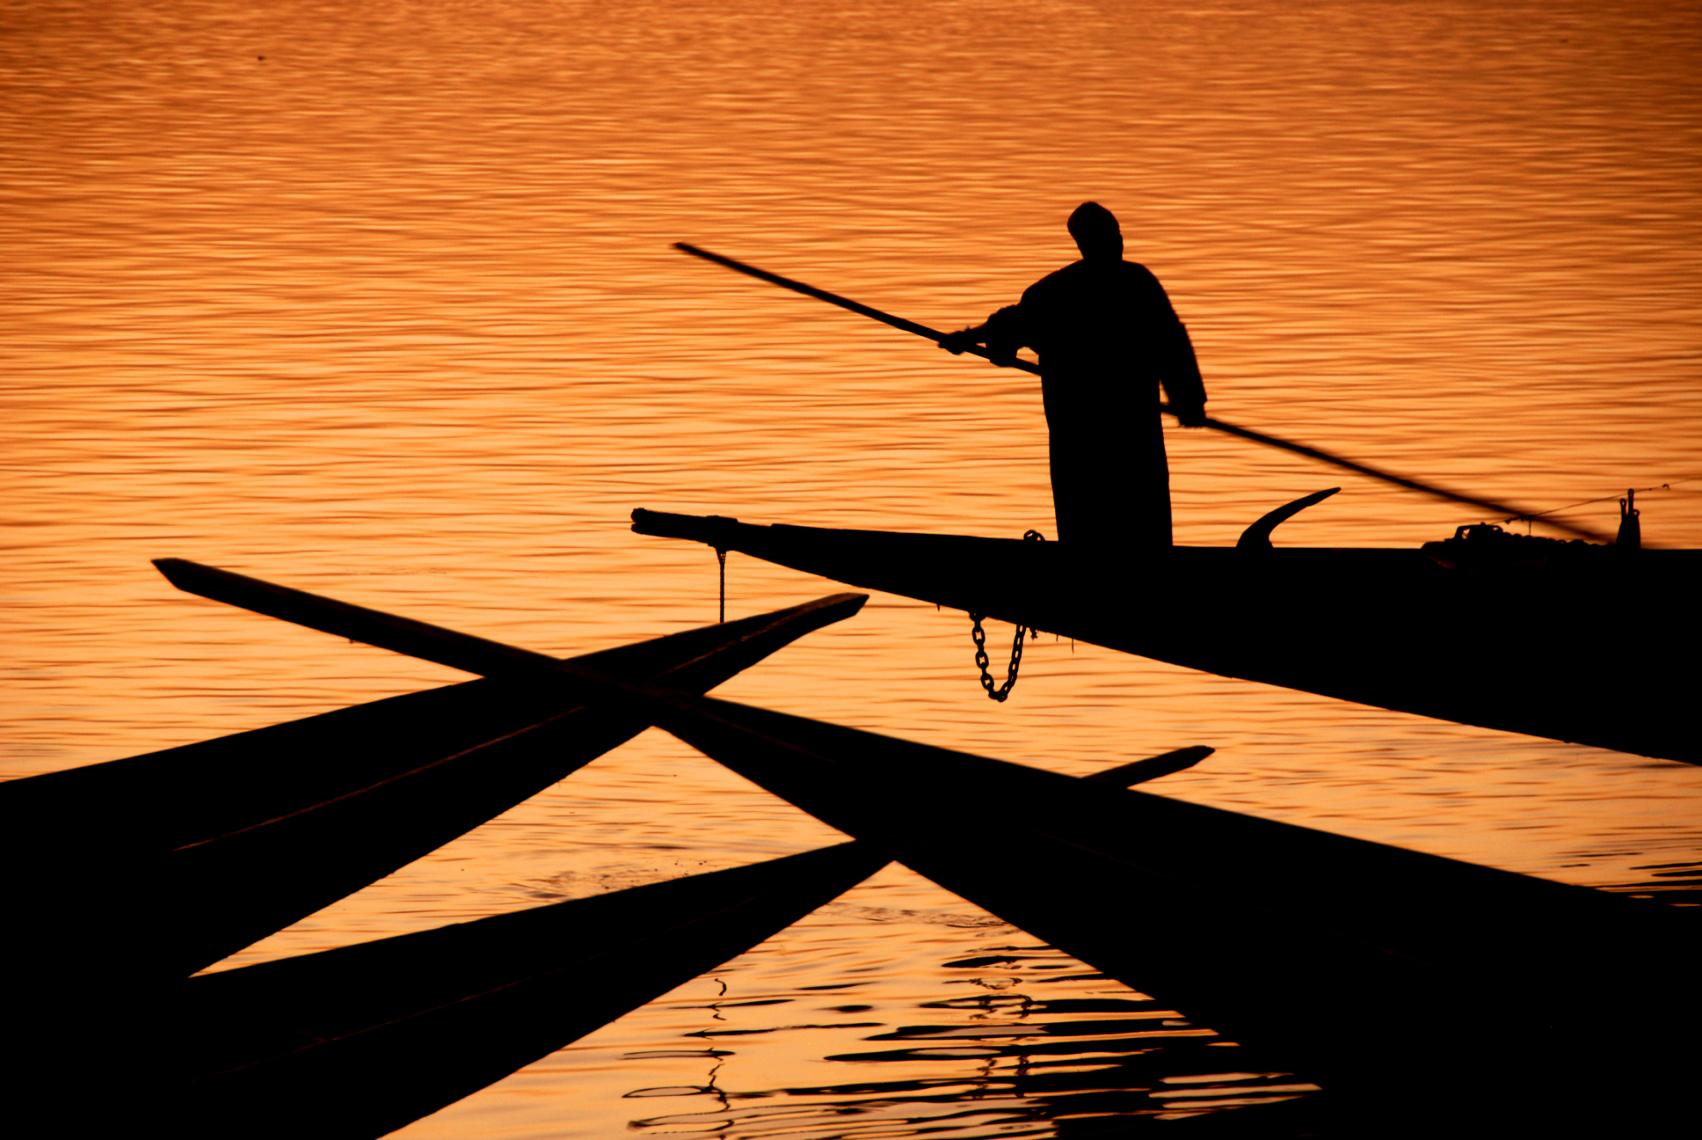 Mali boats fixedA